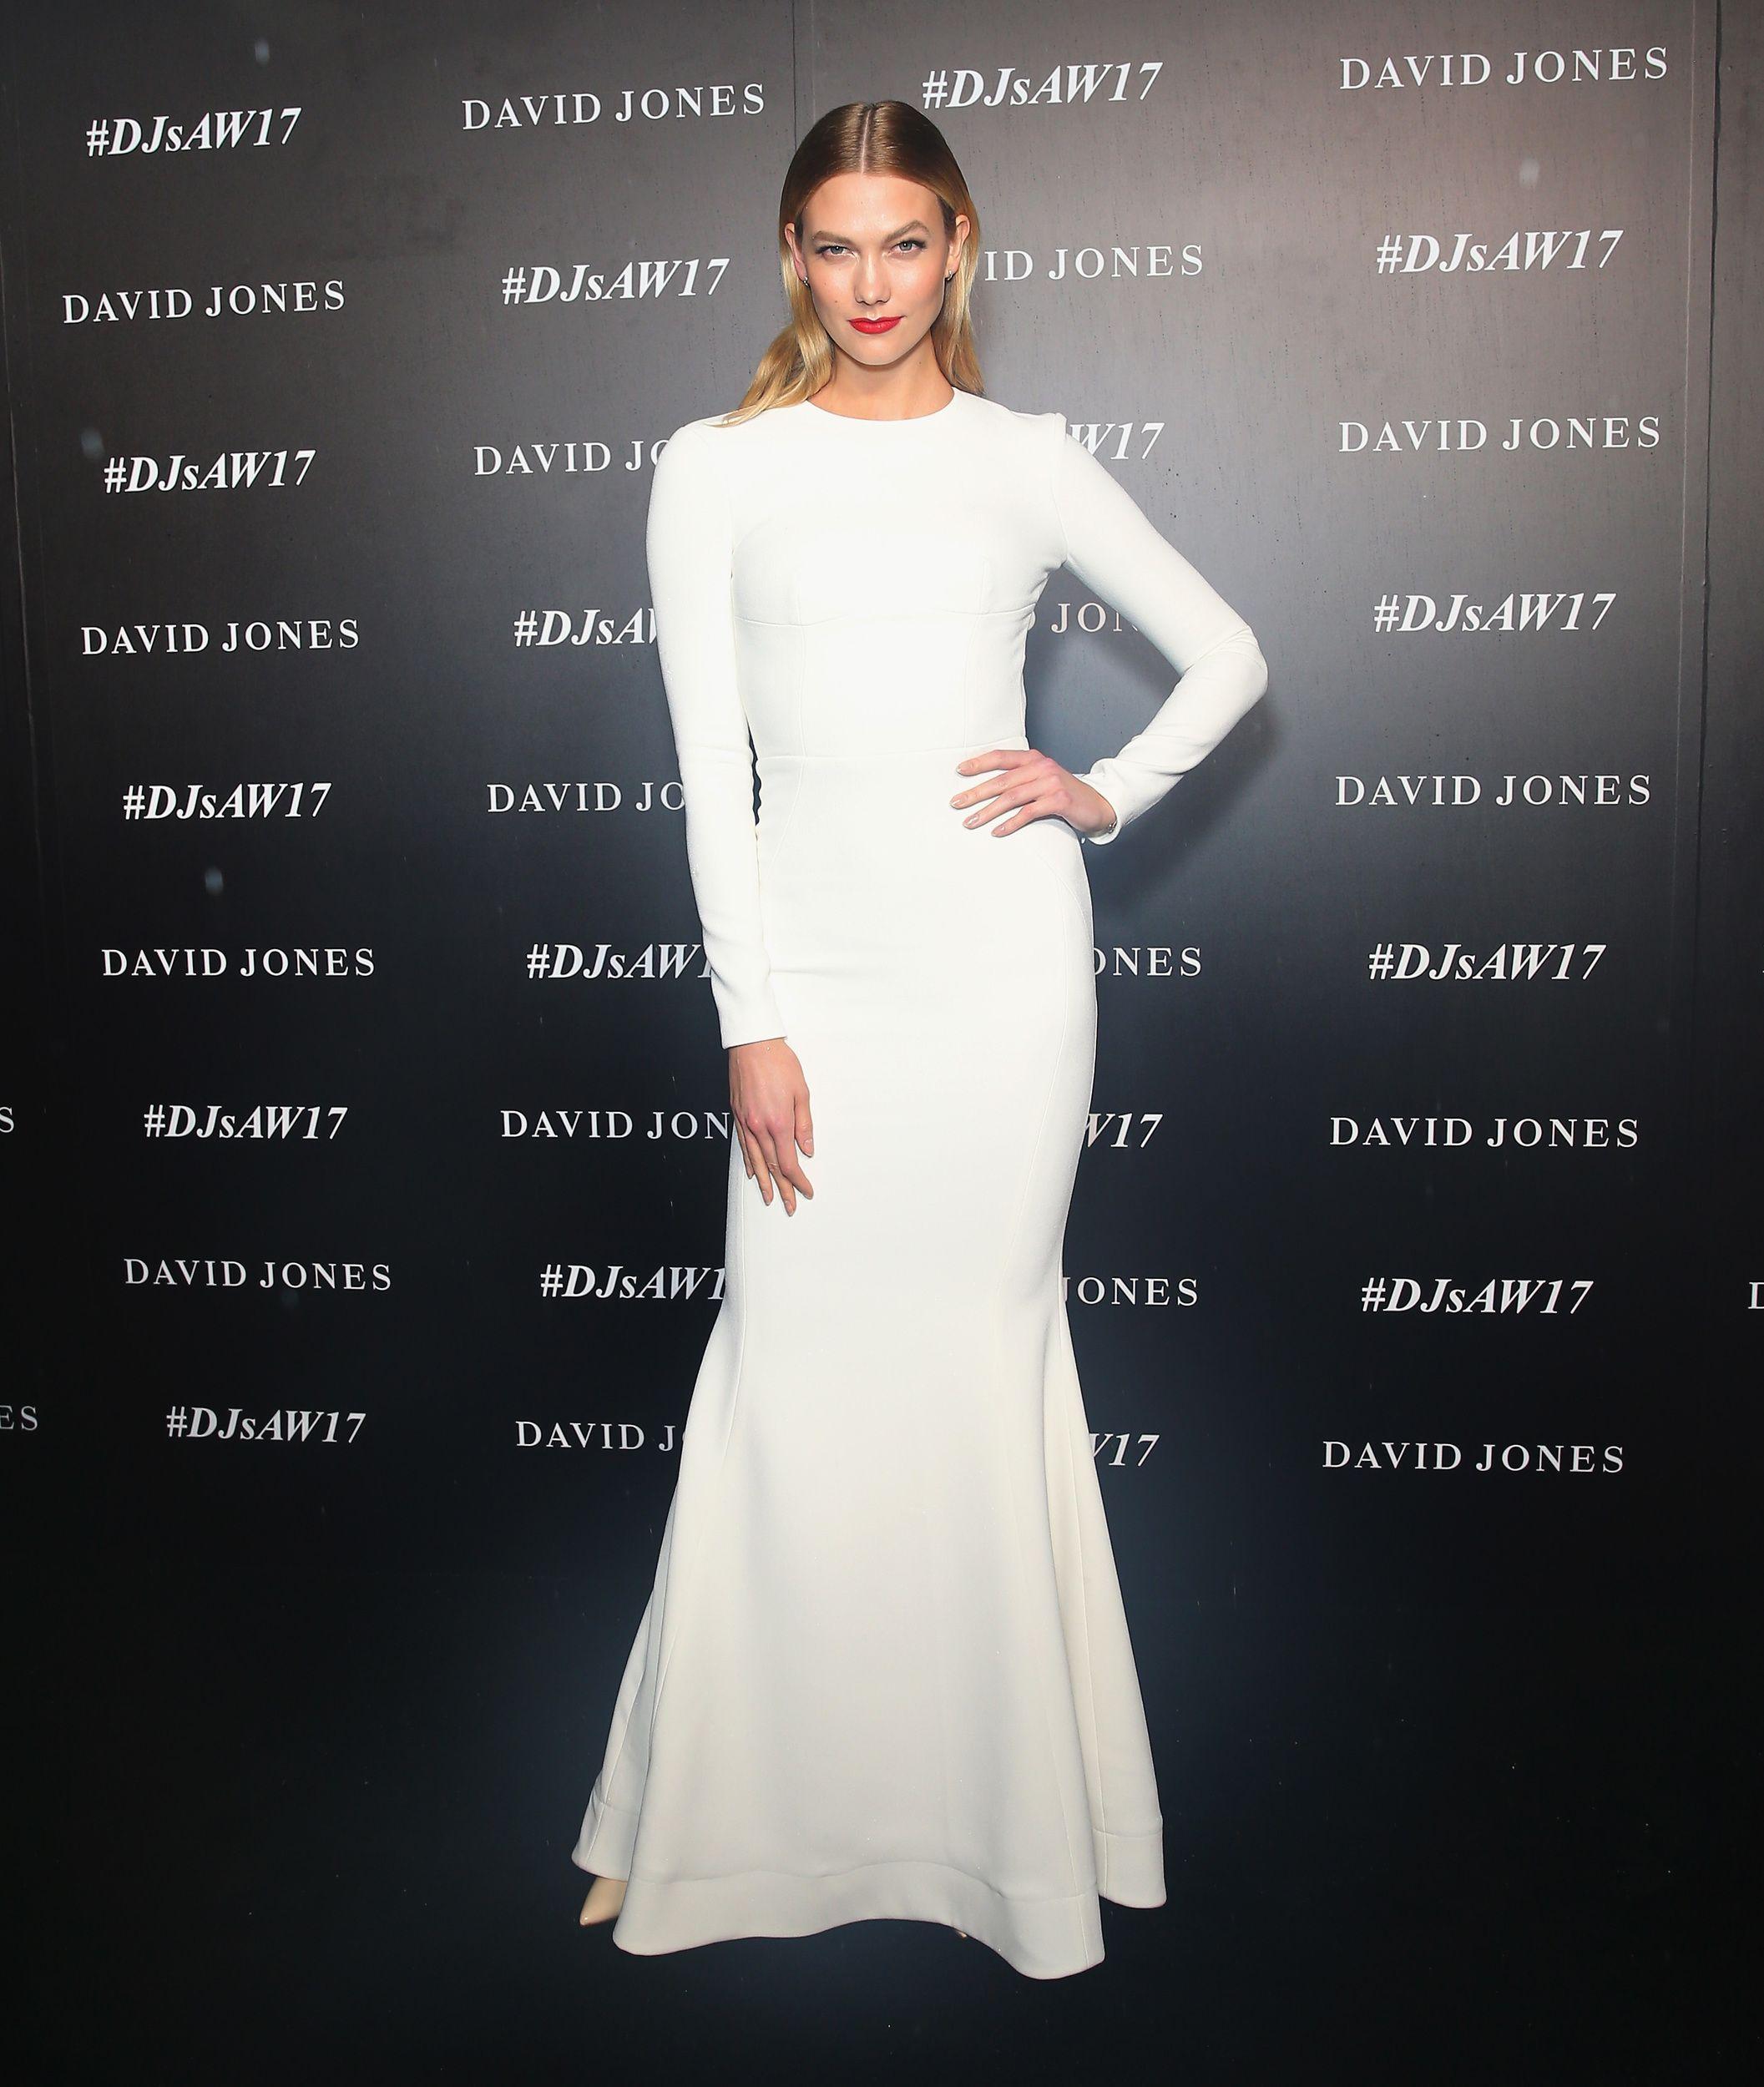 Ausgezeichnet David Jones Party Kleider Bilder - Hochzeit Kleid ...